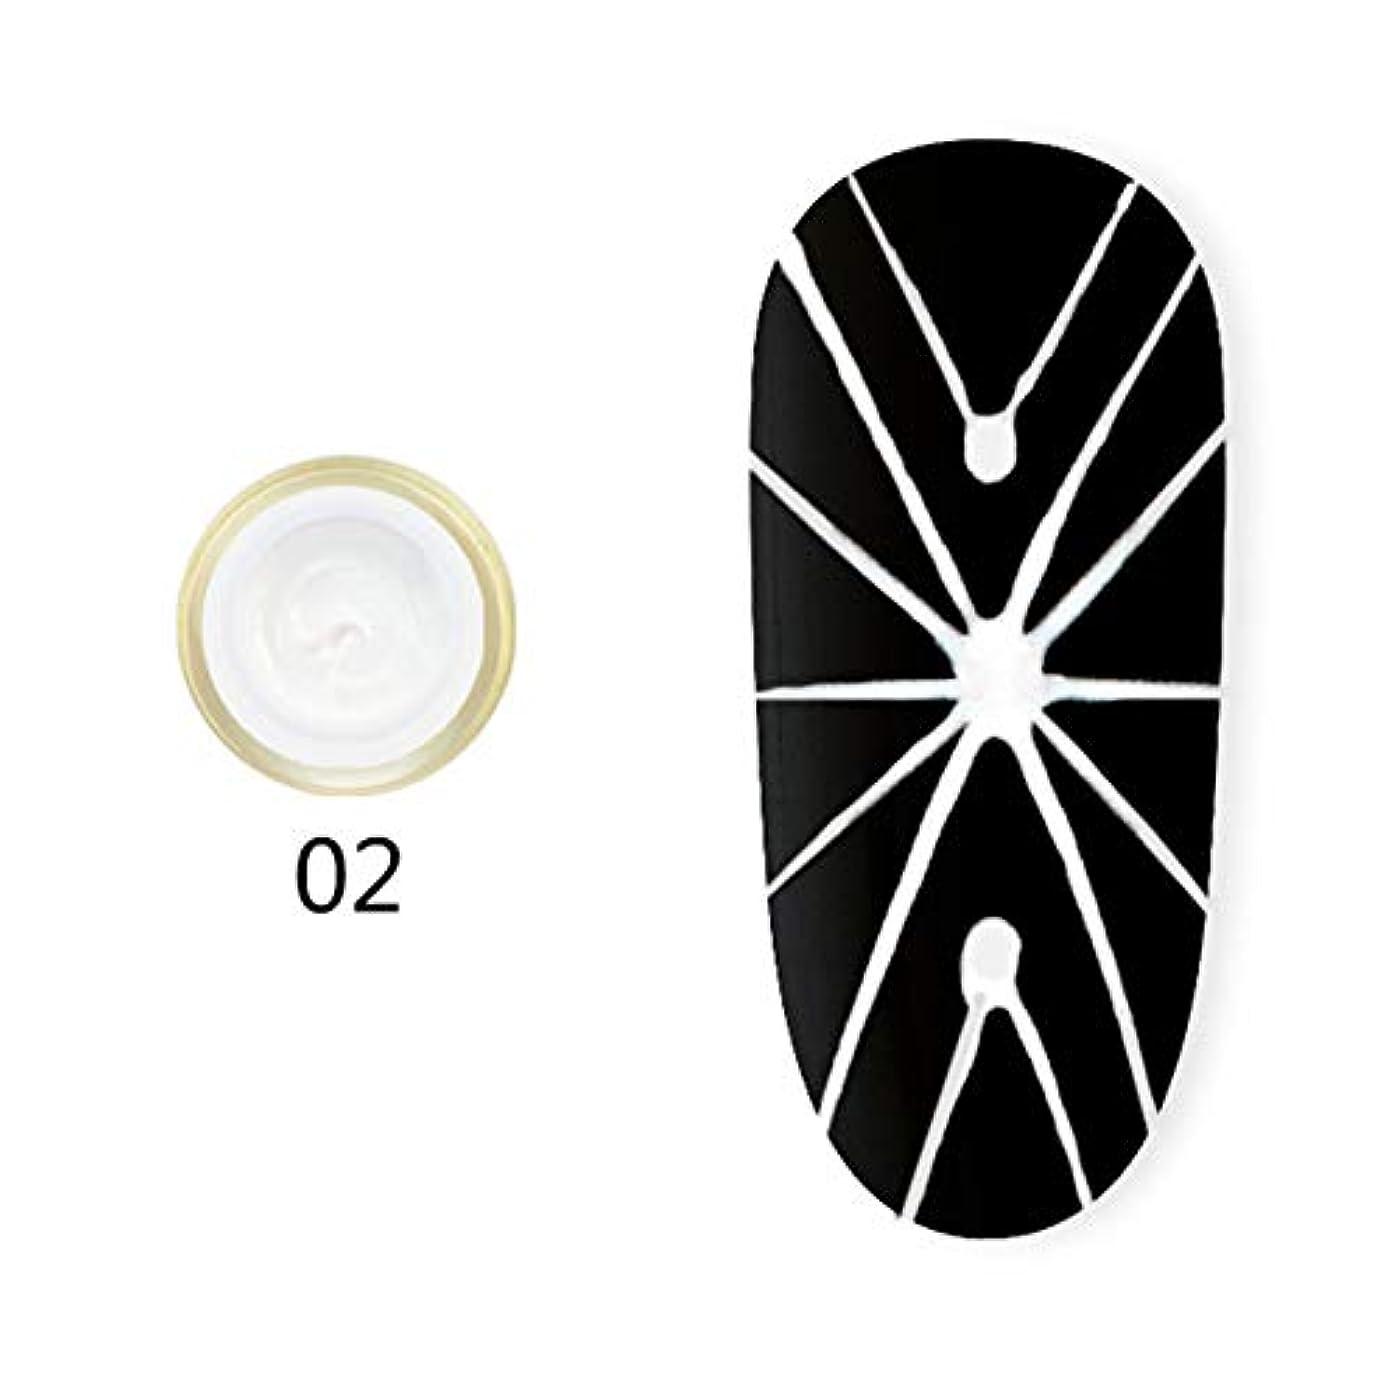 ビンアルミニウム多年生hamulekfae-弾性クモ画線ワイヤーペインティングジェルDIY UVネイルジェルポリッシュラッカー White